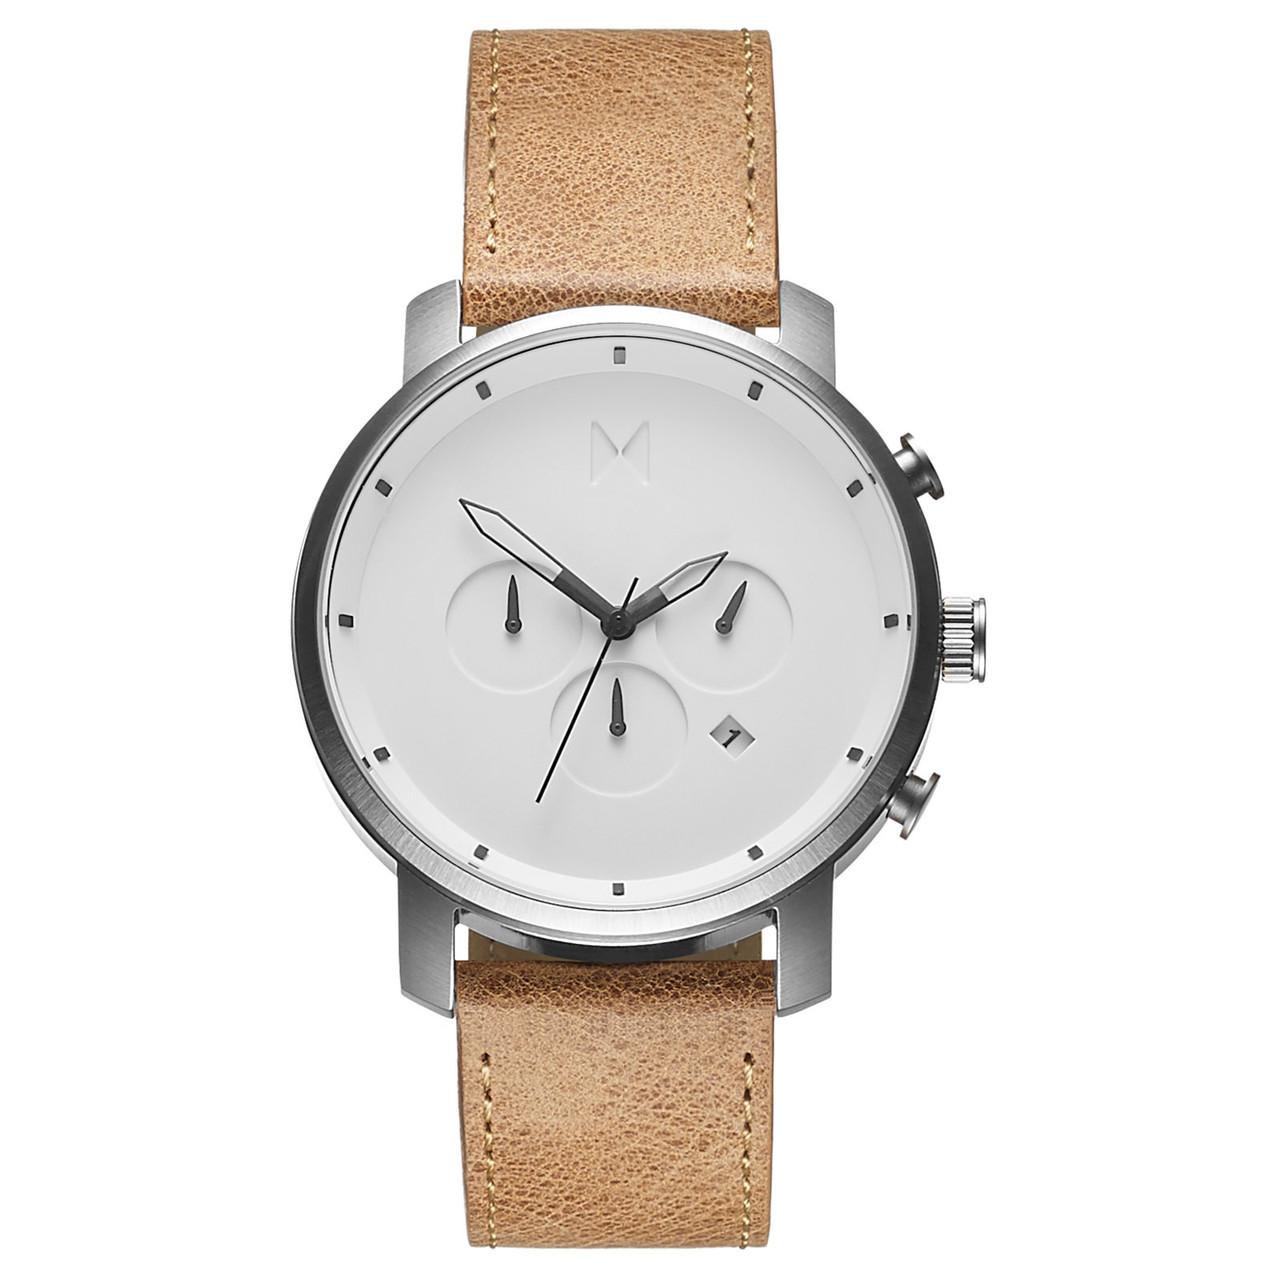 Часы мужские MVMT CHRONO WHITE CARAMEL